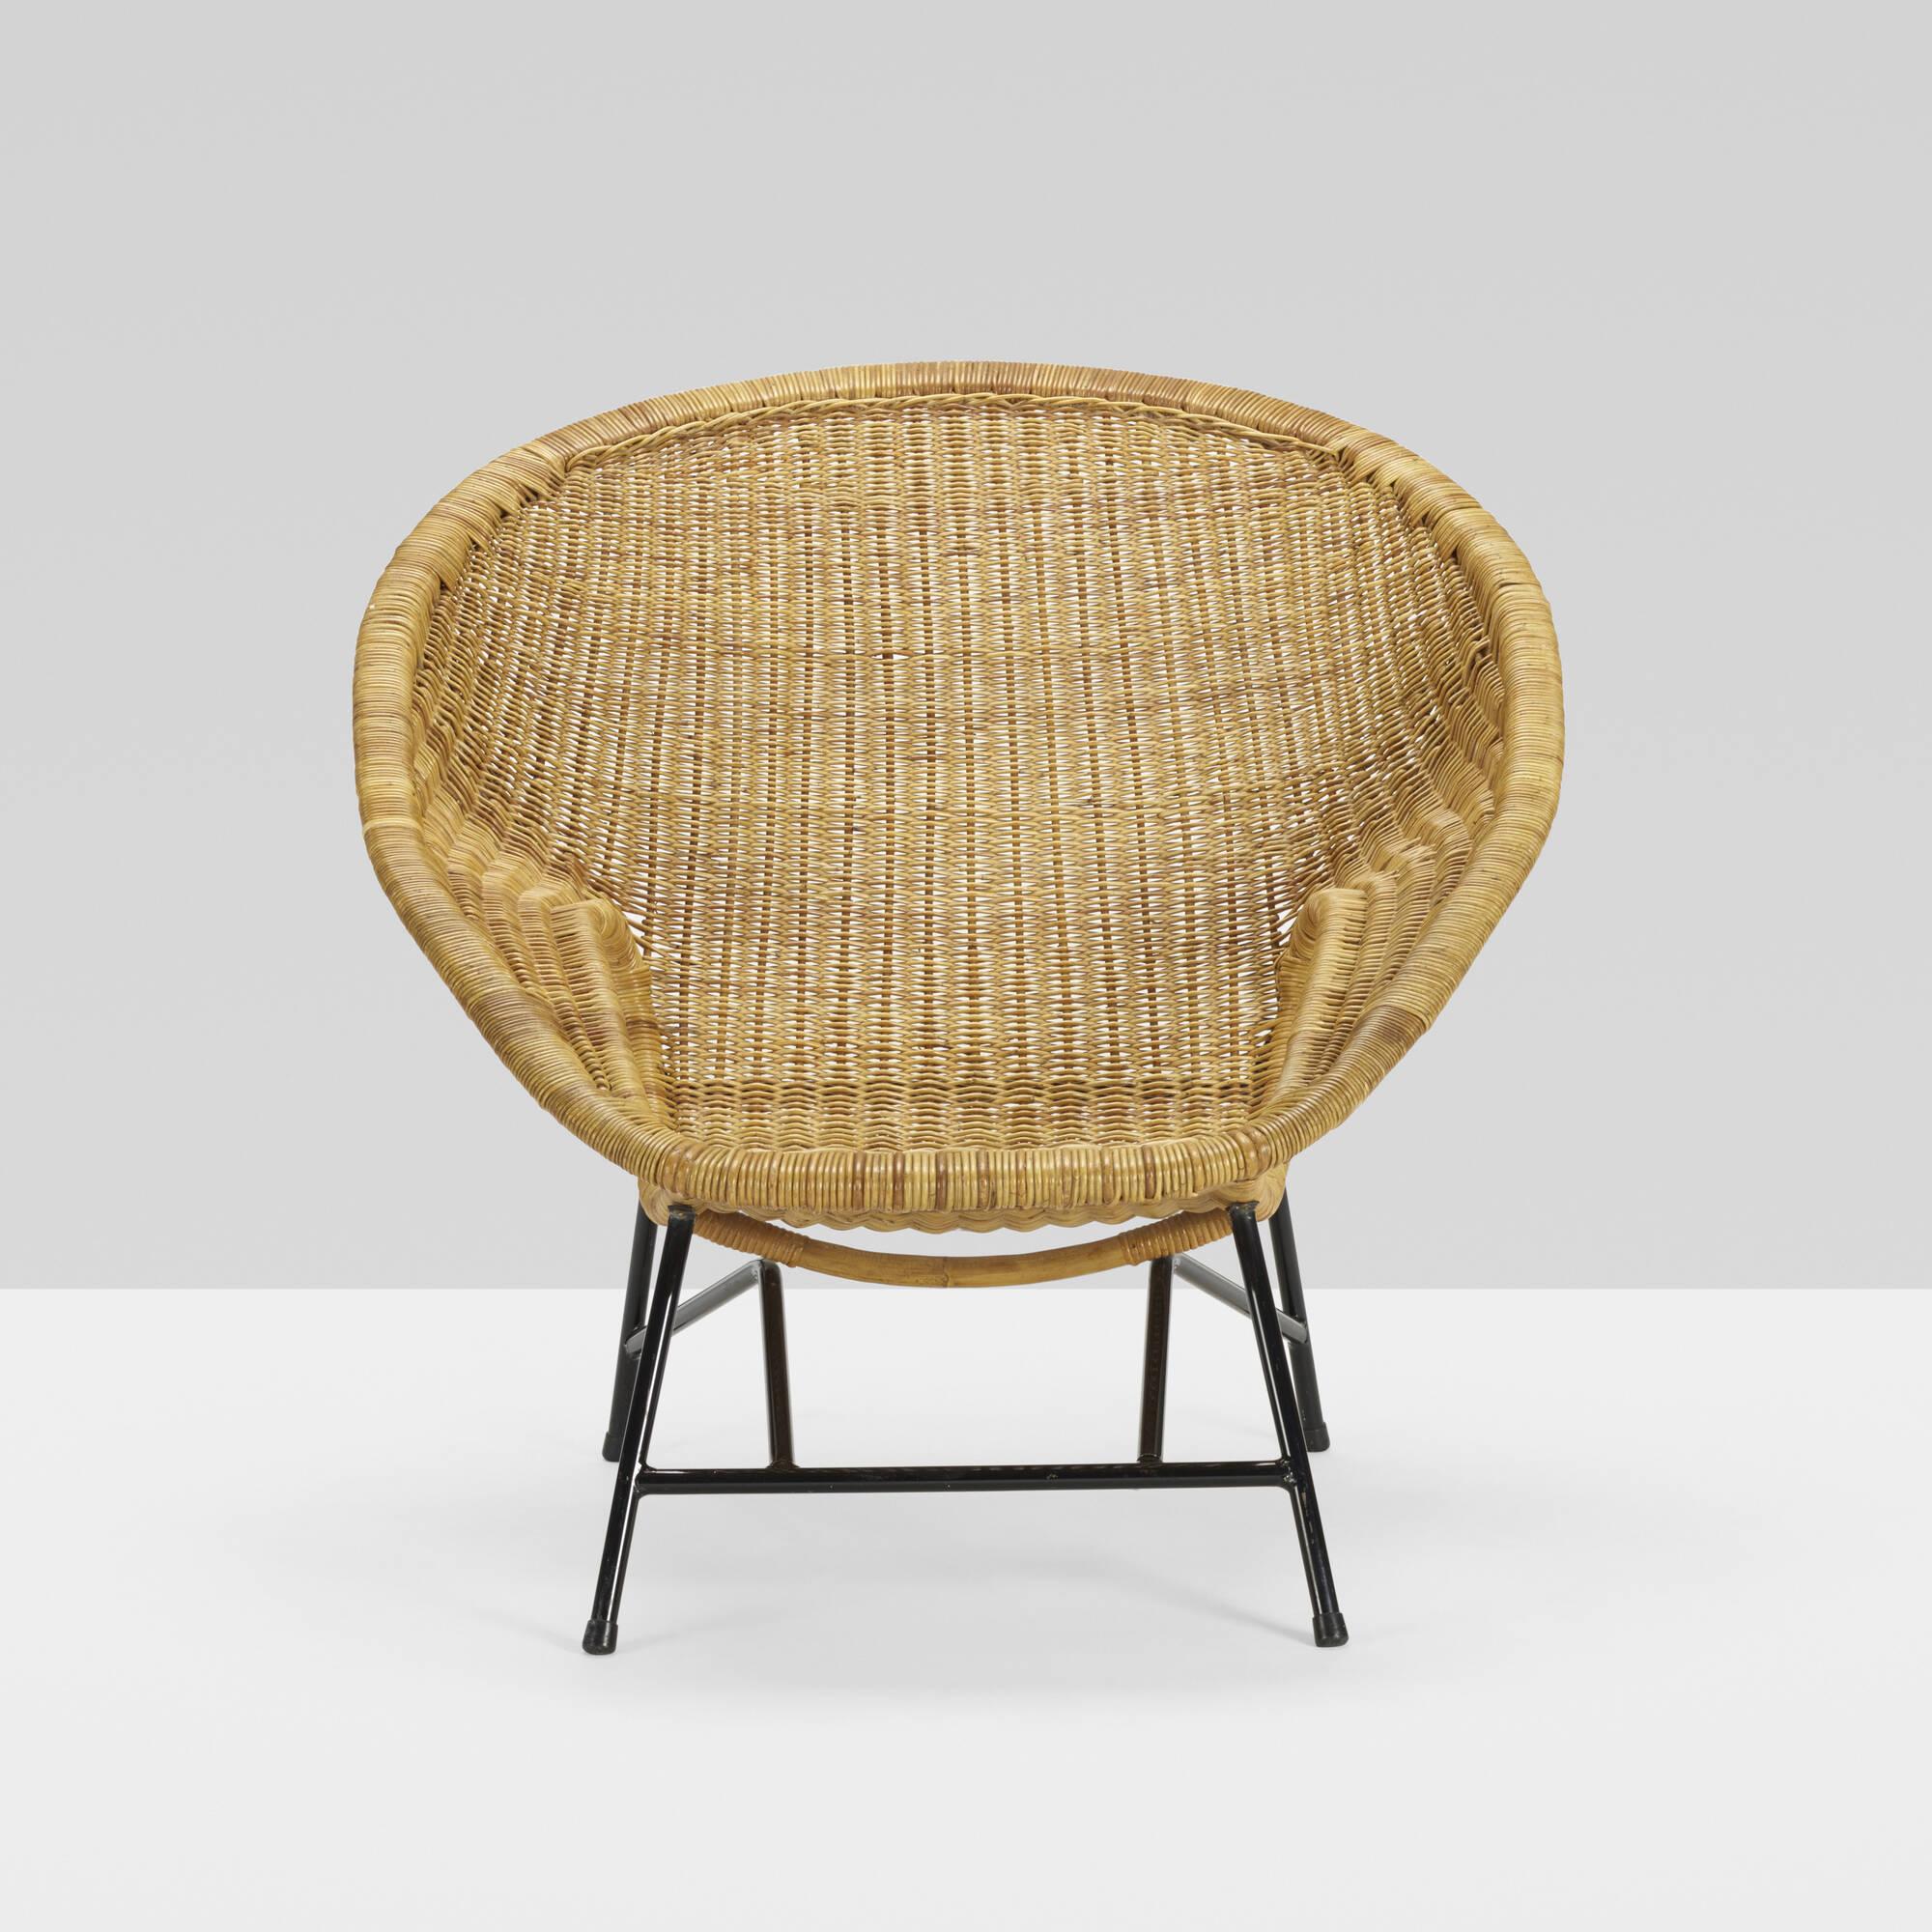 387: Dirk van Sliedregt / rare lounge chair, model 600 (2 of 4)